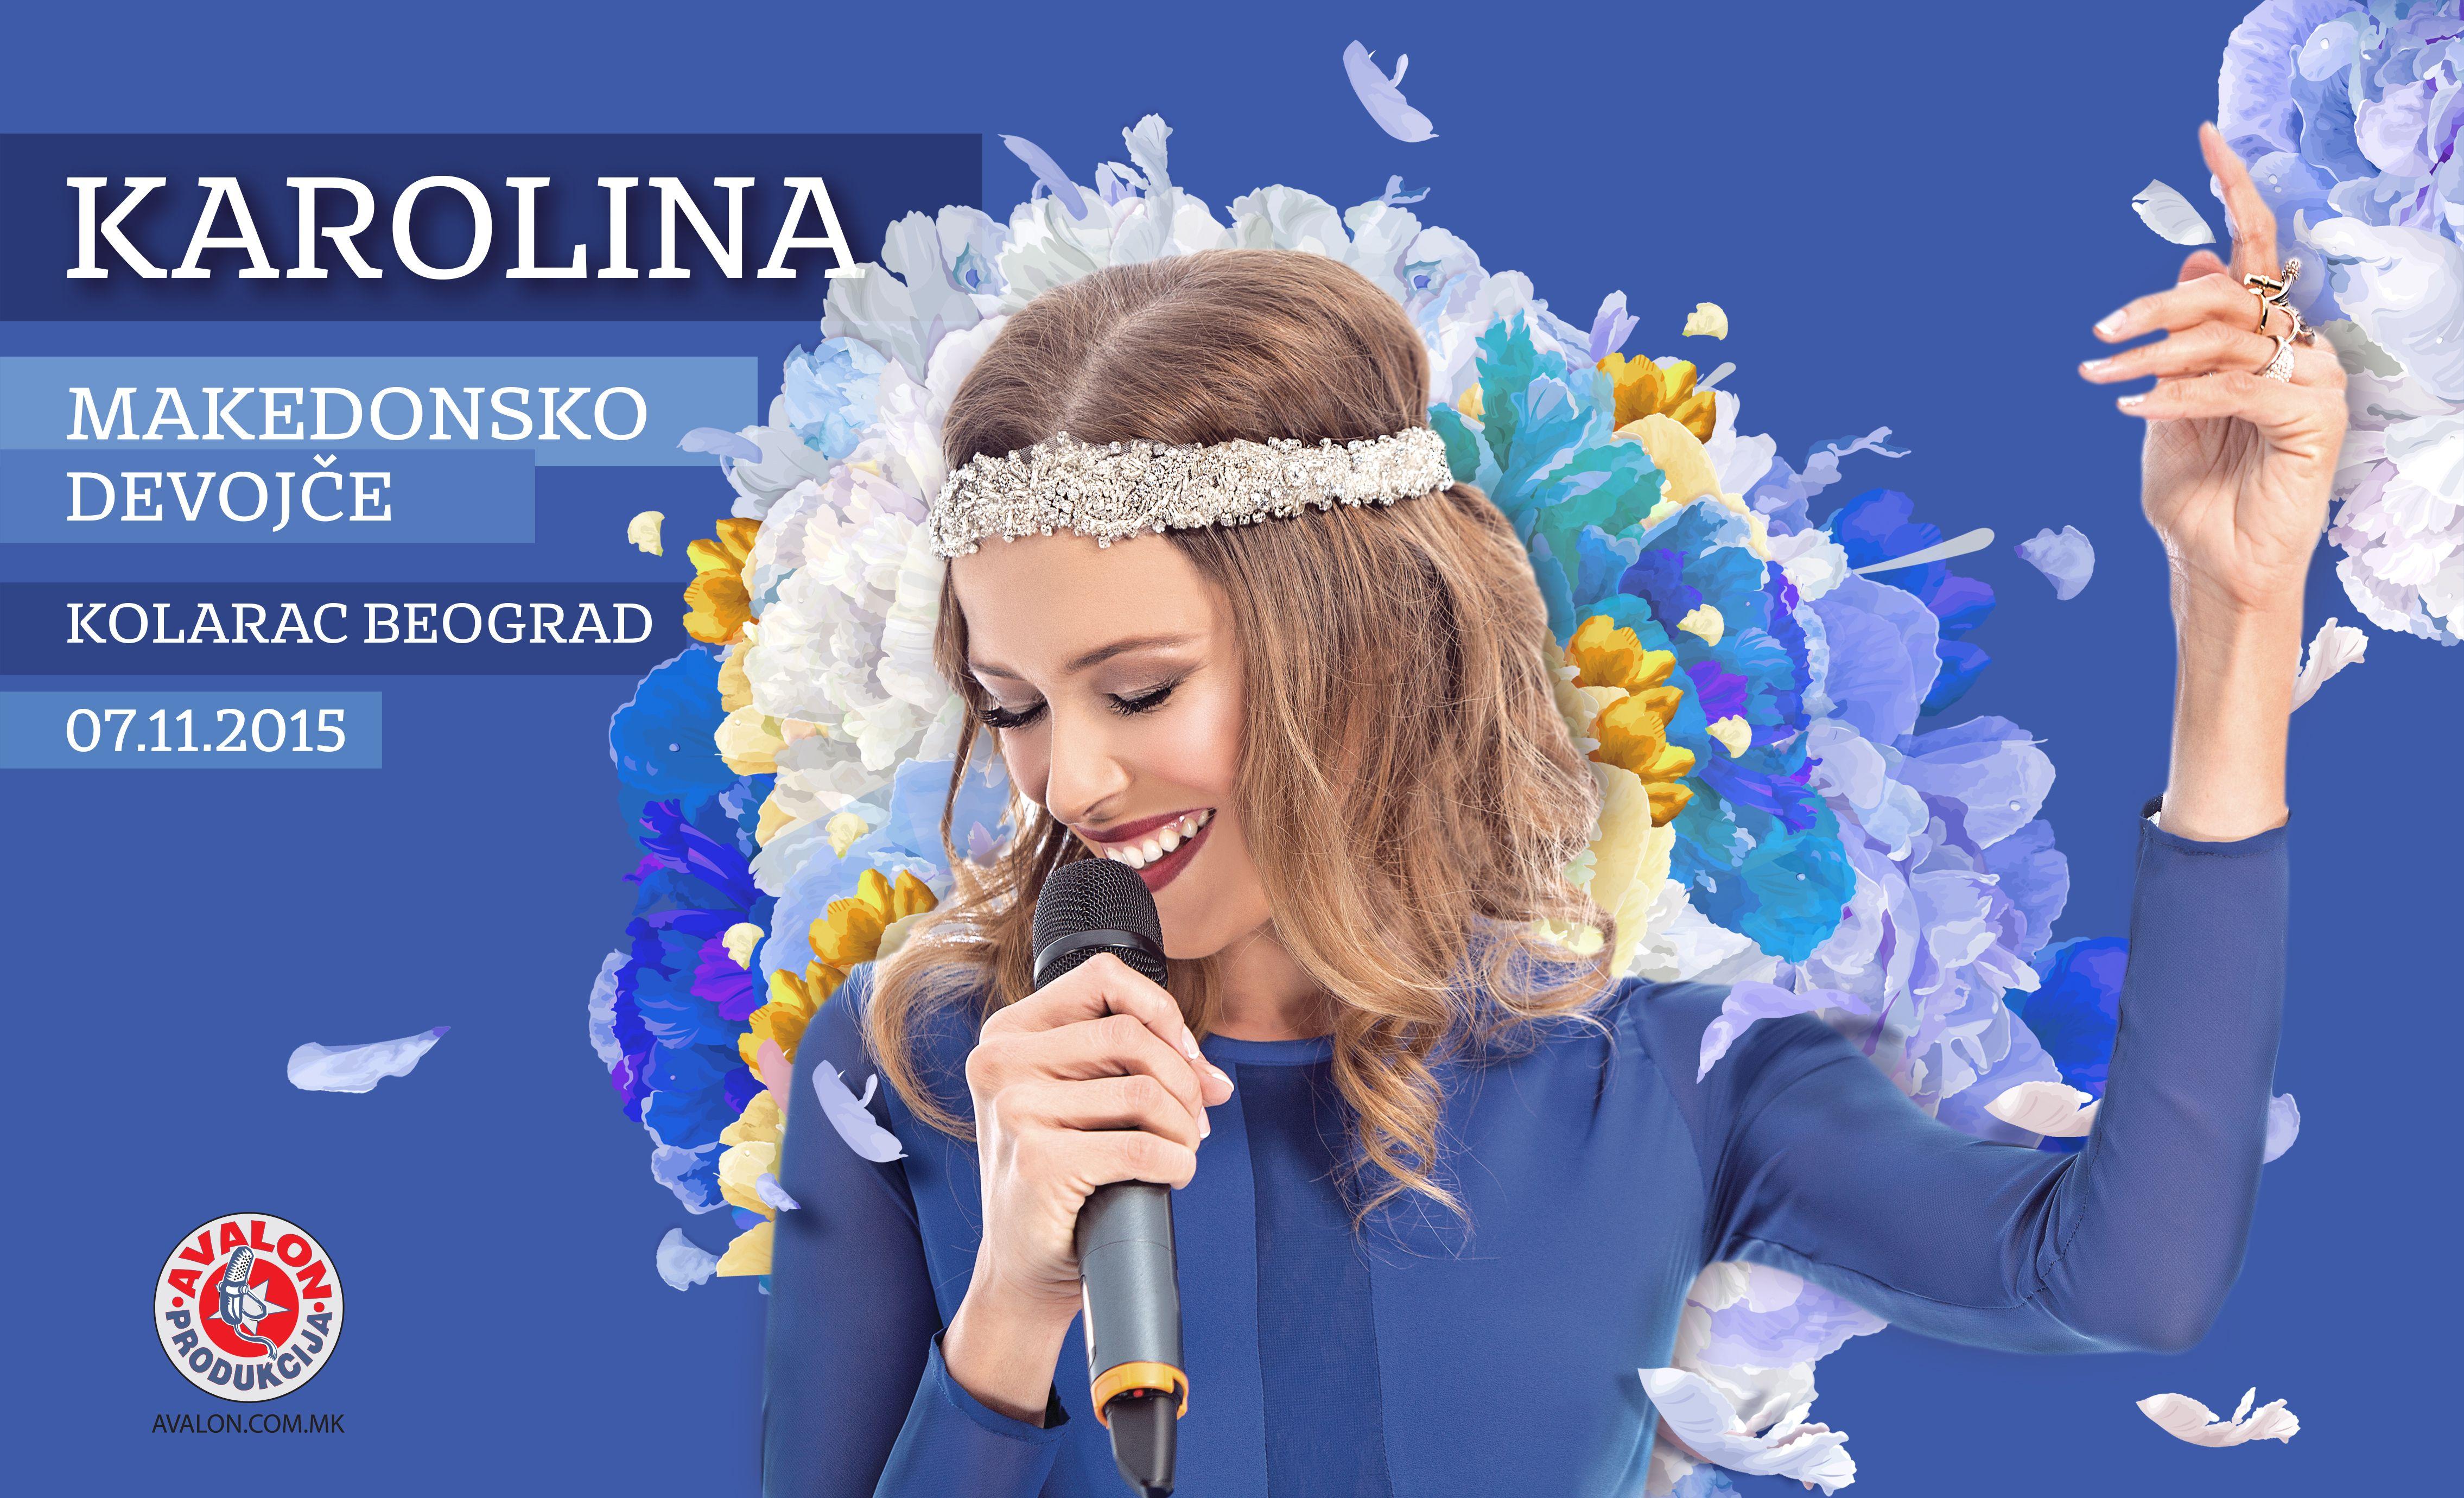 """""""Македонско девојче"""" и Каролина првпат во живо во Белград"""